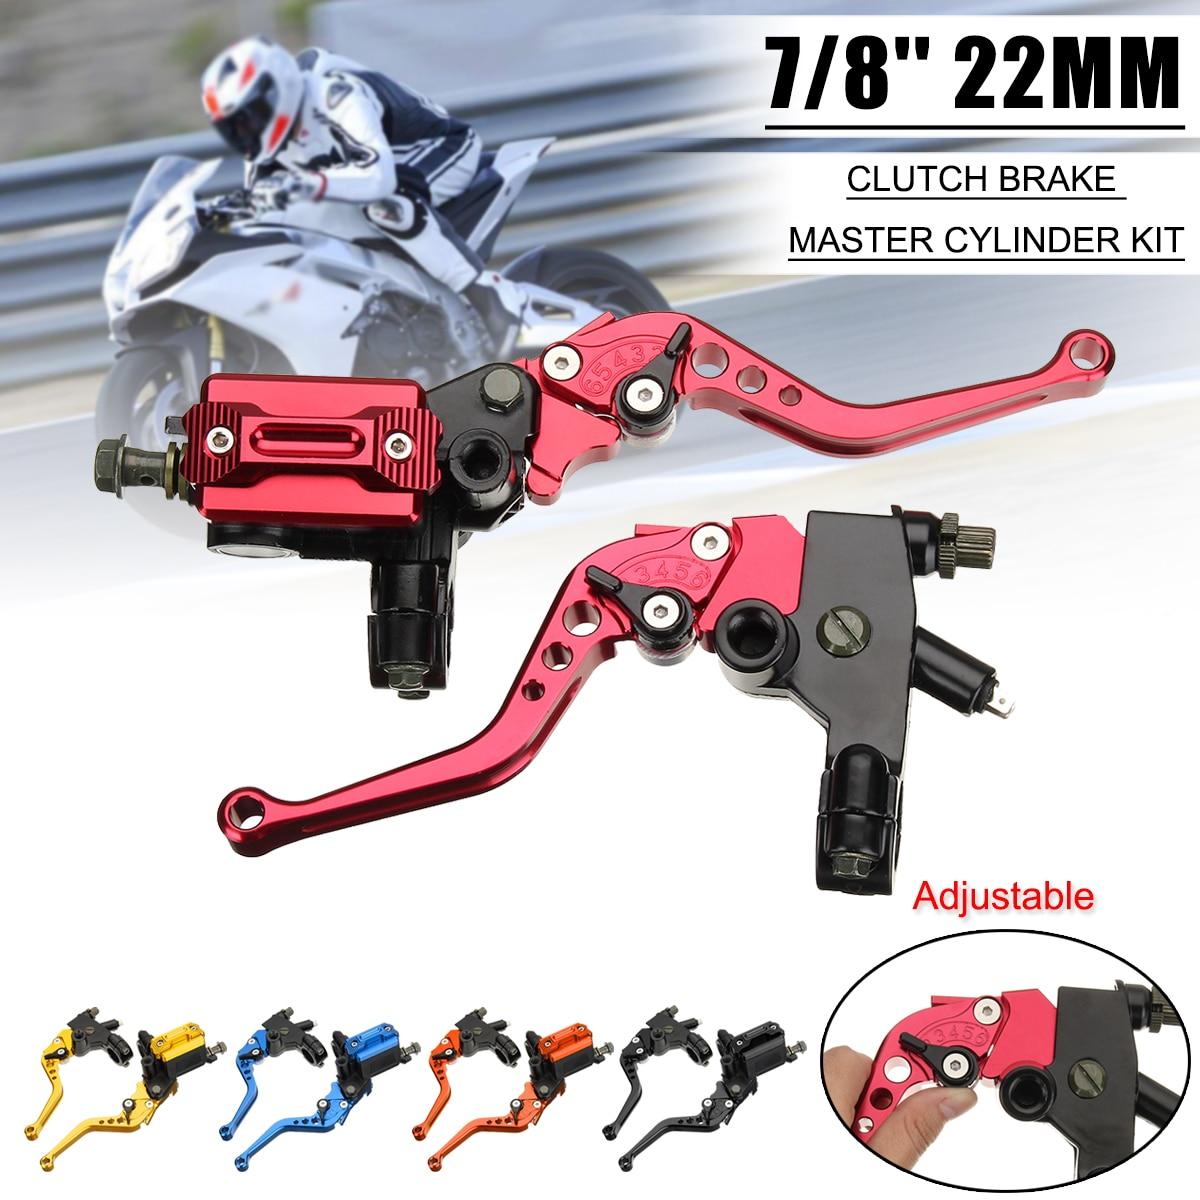 2 pcs 7/8 CNC Moto Universelle De Frein Maître-Cylindre D'embrayage Levier Câble D'embrayage Réservoir pour Scooter Sport Rue Dirt Bike